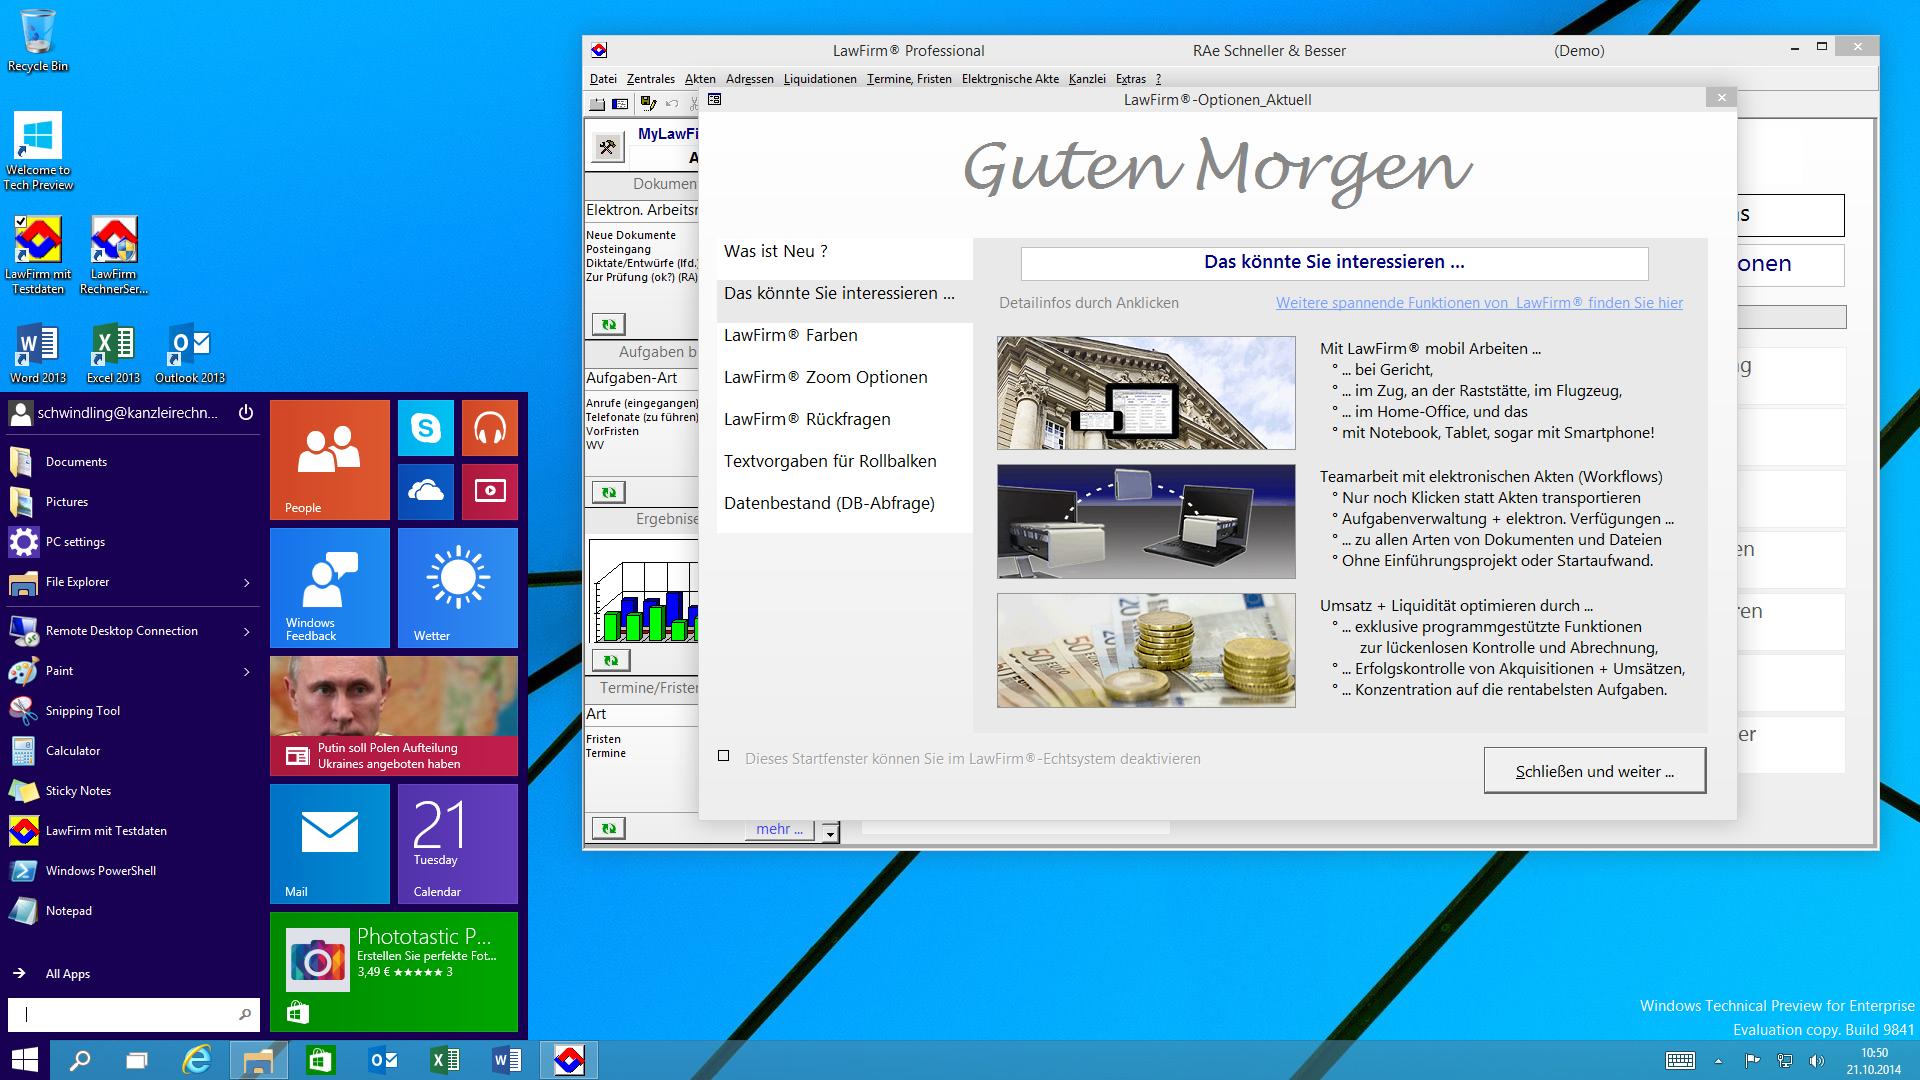 Windows® 10 Desktop-Oberfläche mit Startmenü und neuem LawFirm® Start-Fenster